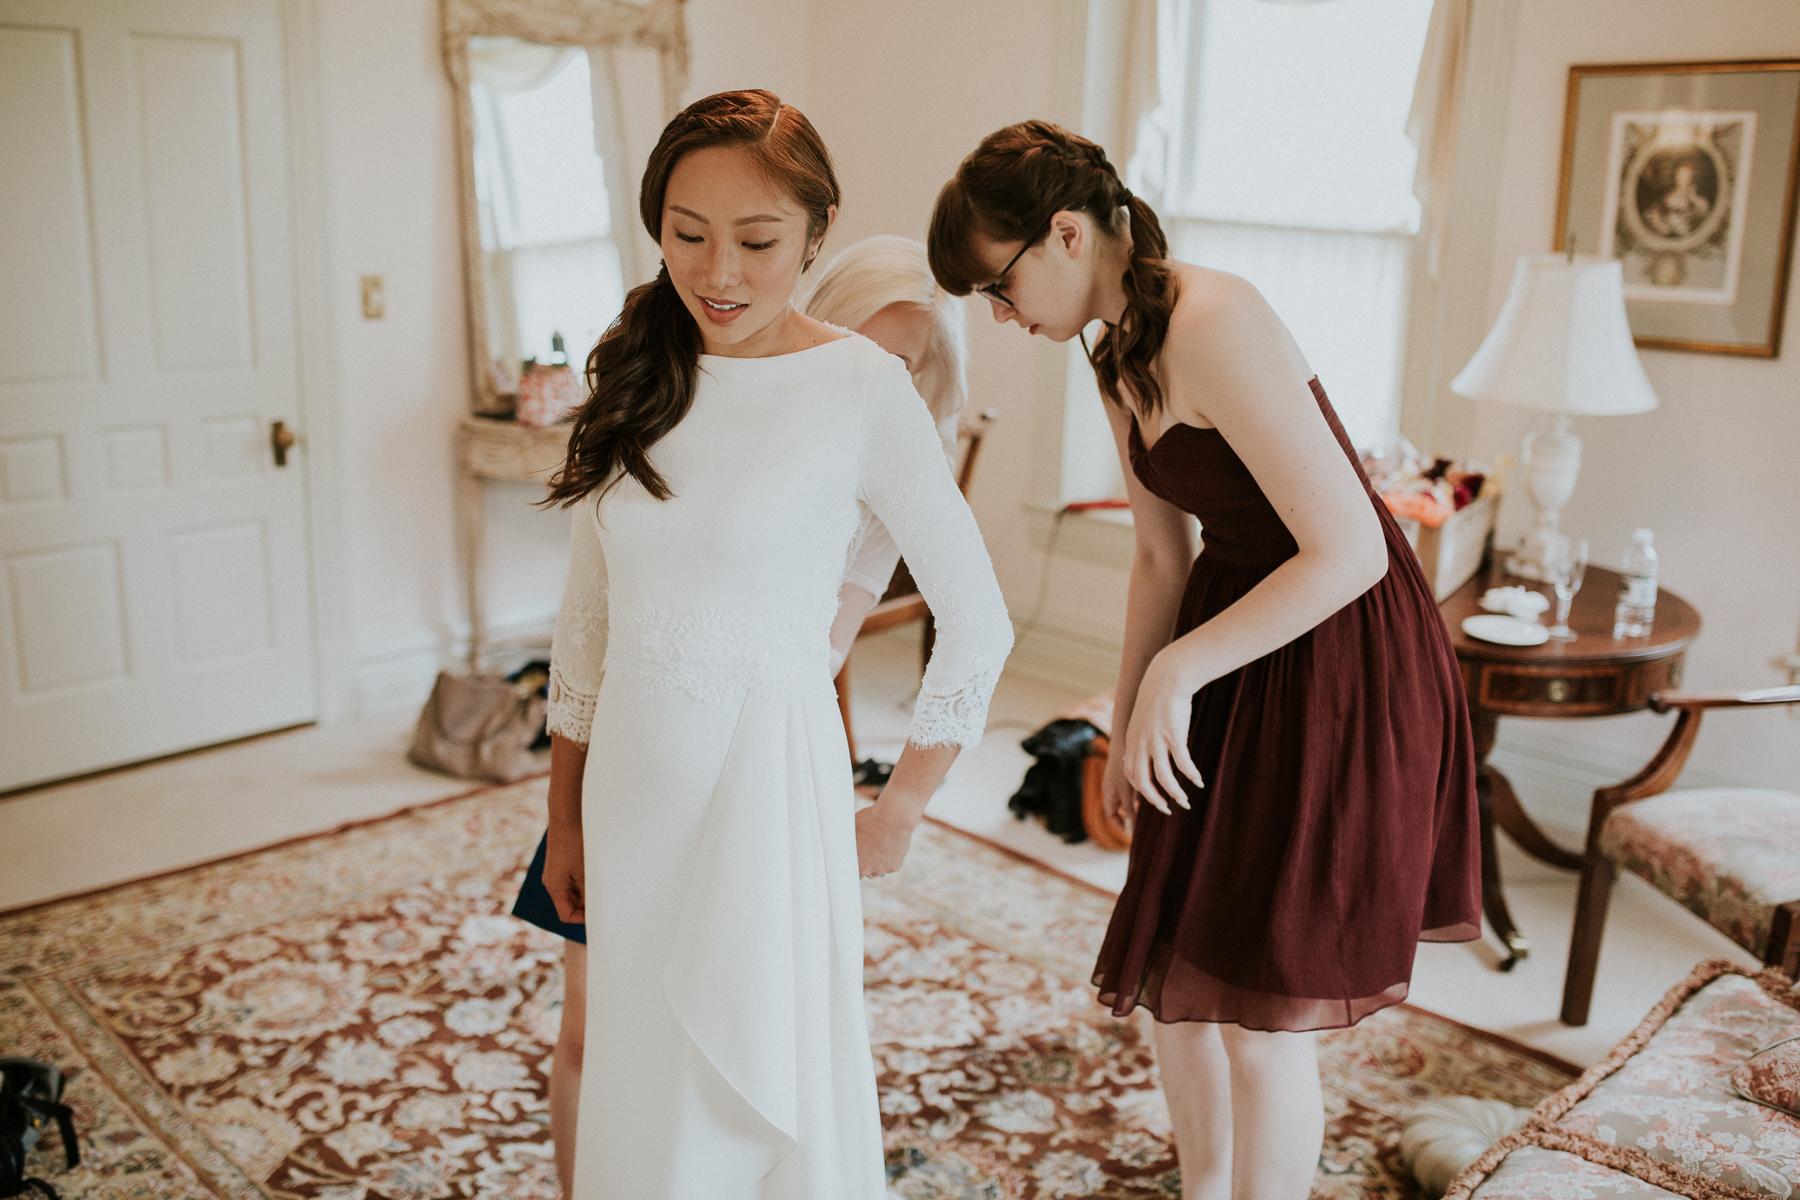 washington_dc_ceresville_mansion_maryland_wedding_photography-11.jpg